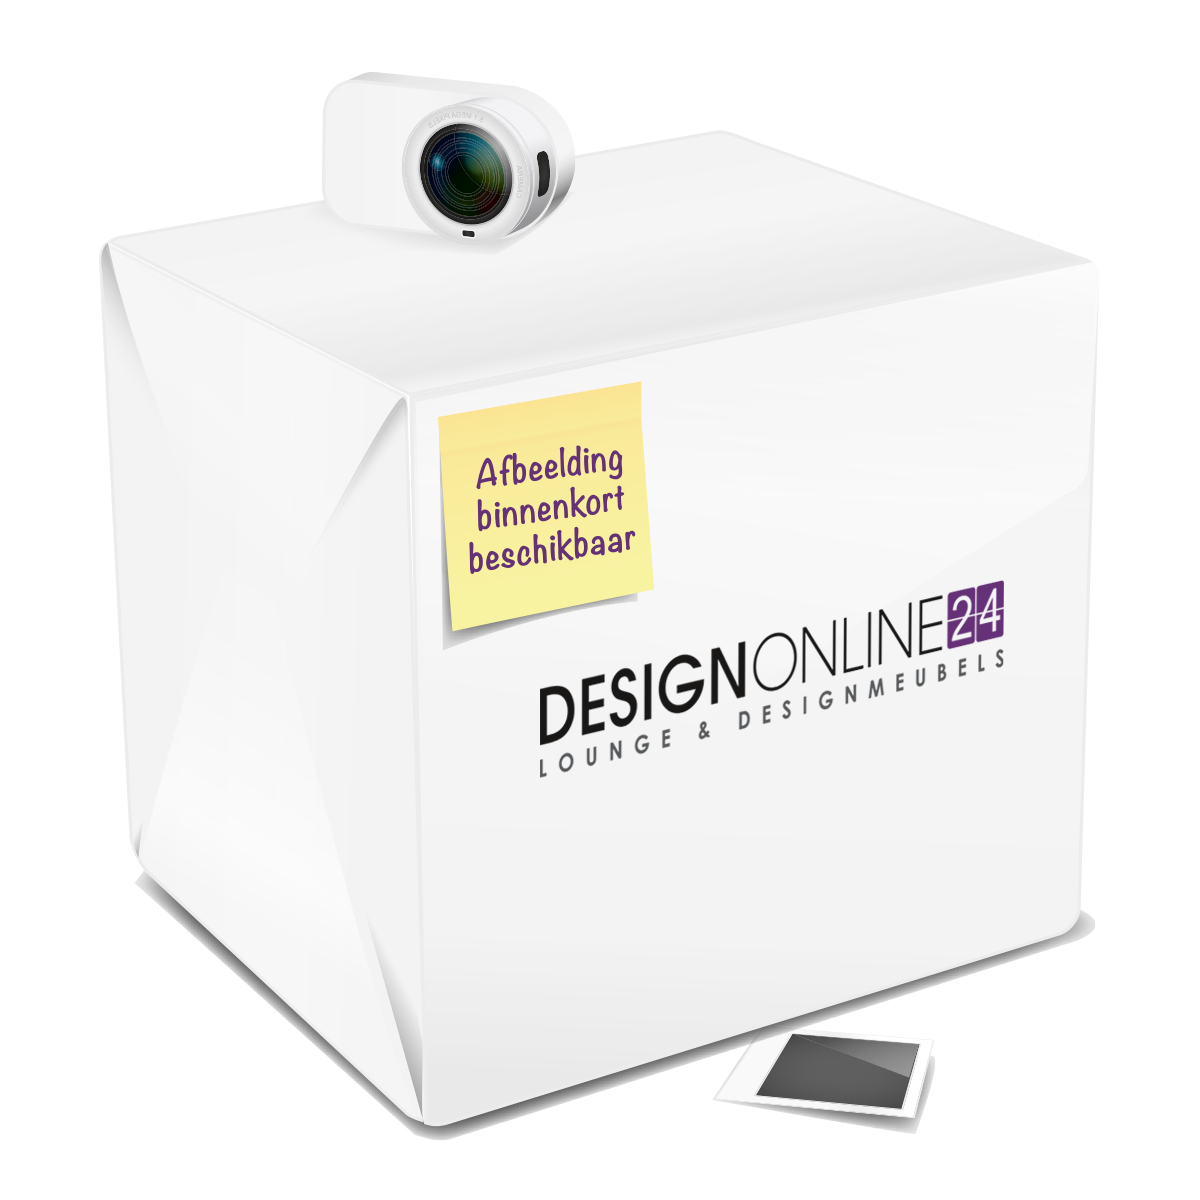 24Designs 24Designs Loungeset voor 4 Personen - Marina - Zwart Polyrattan Wicker met Bruine kussens